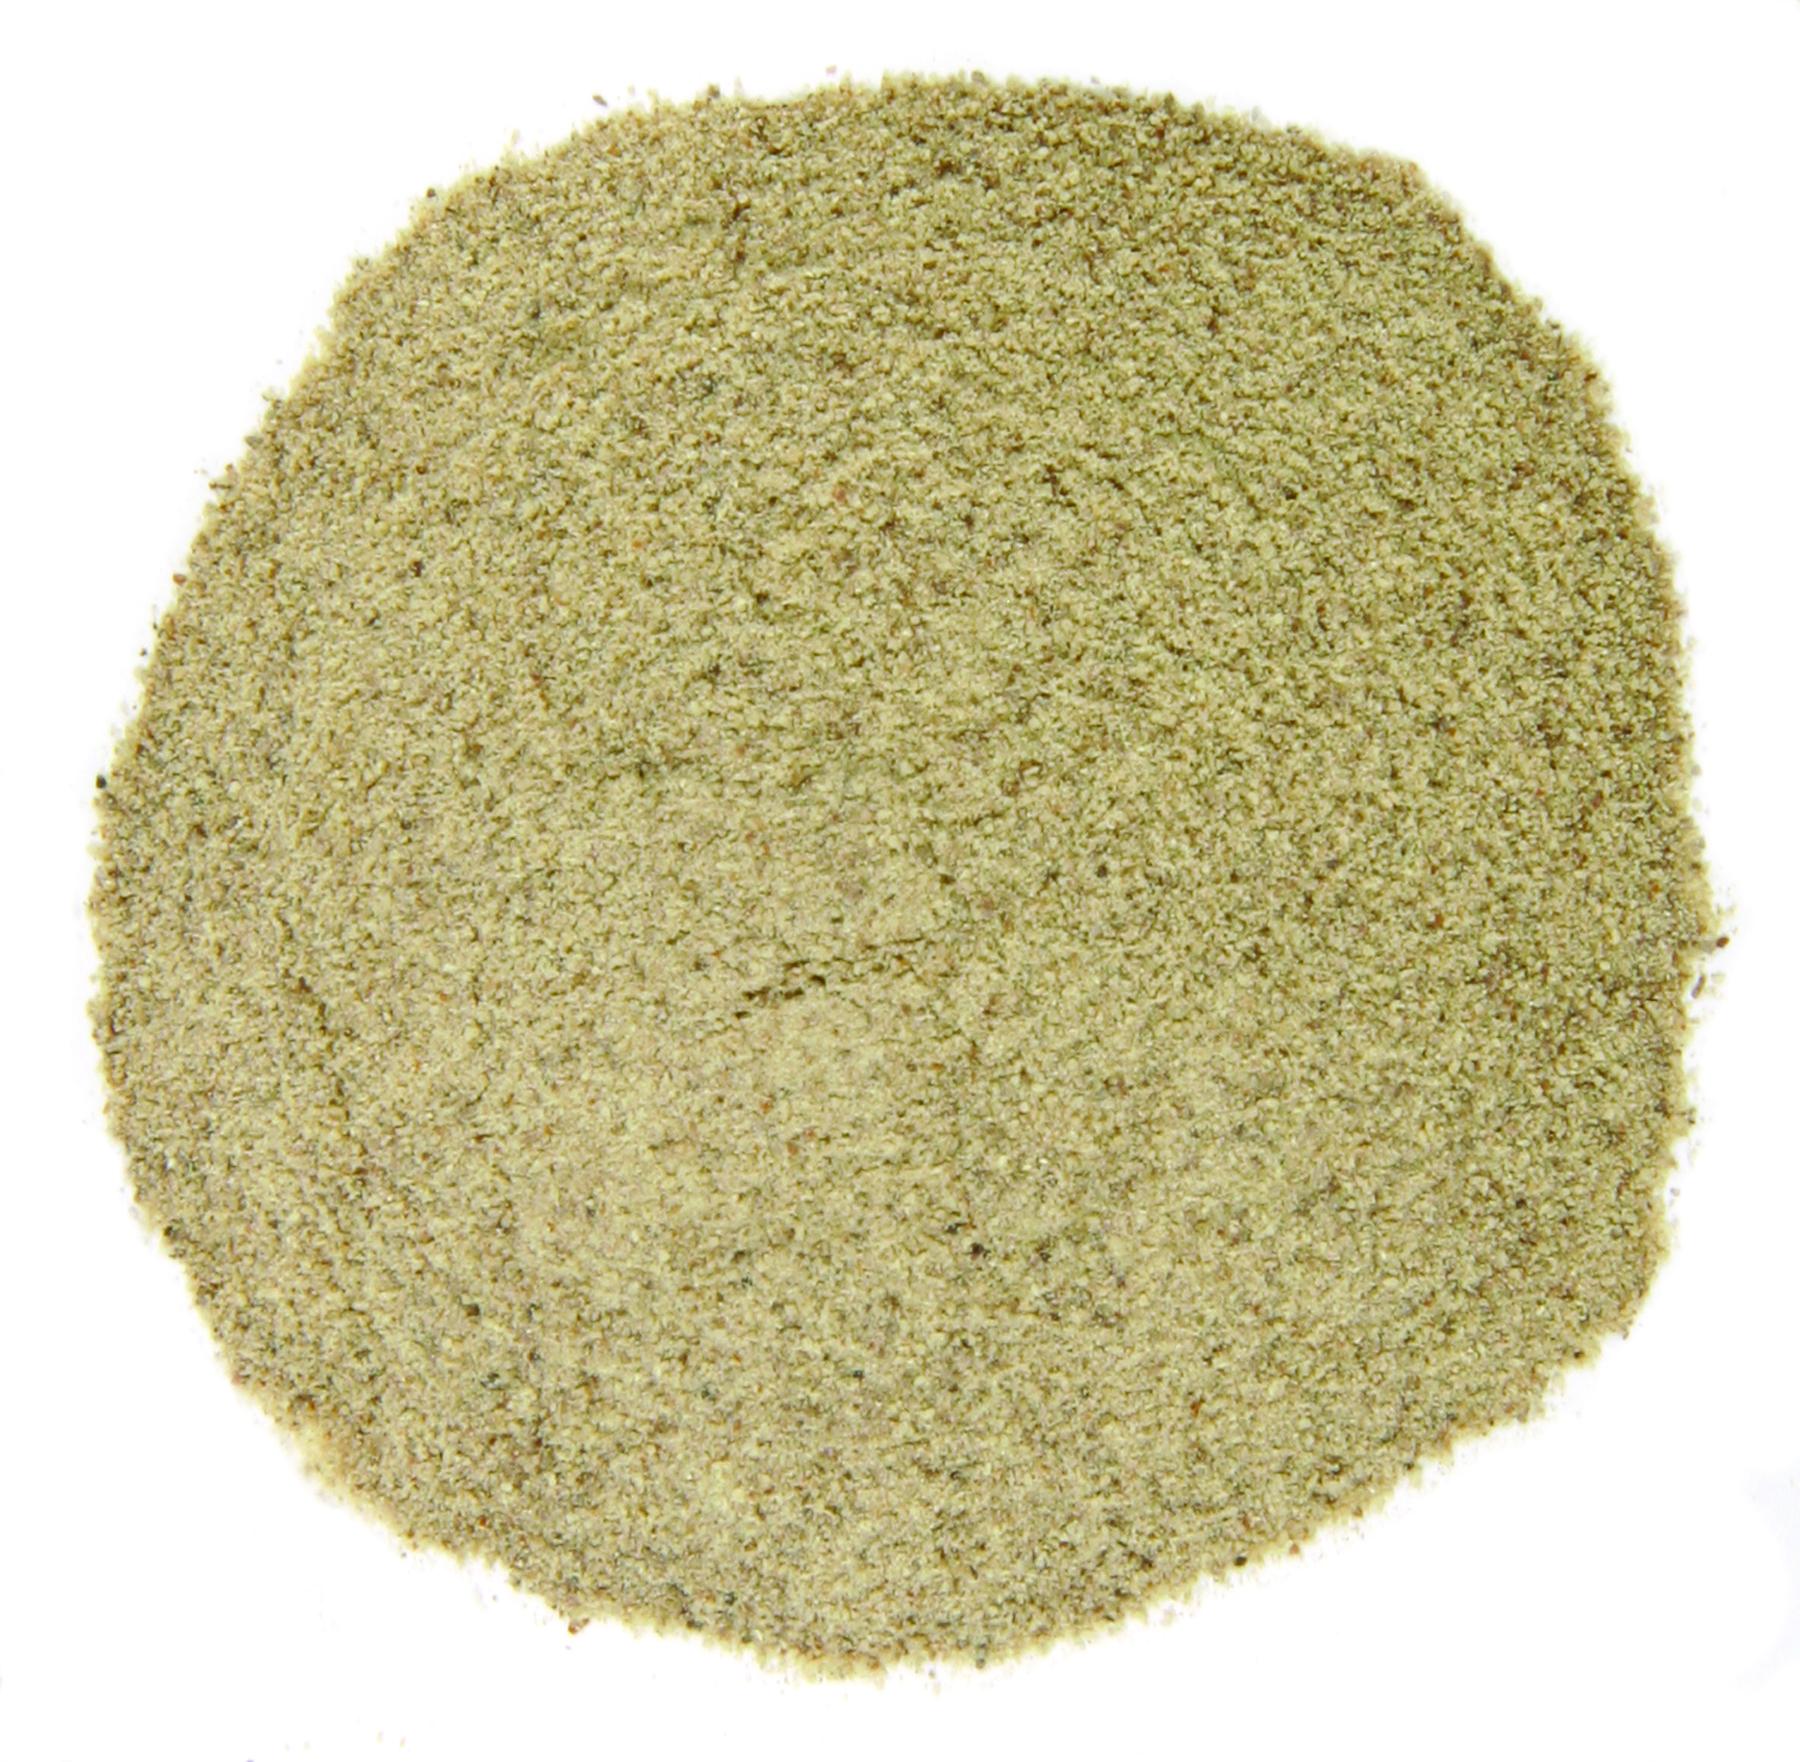 Farr Better Vegan Cream of Mushroom Soup has ground white pepper as an ingredient in Farr Better Recipes®